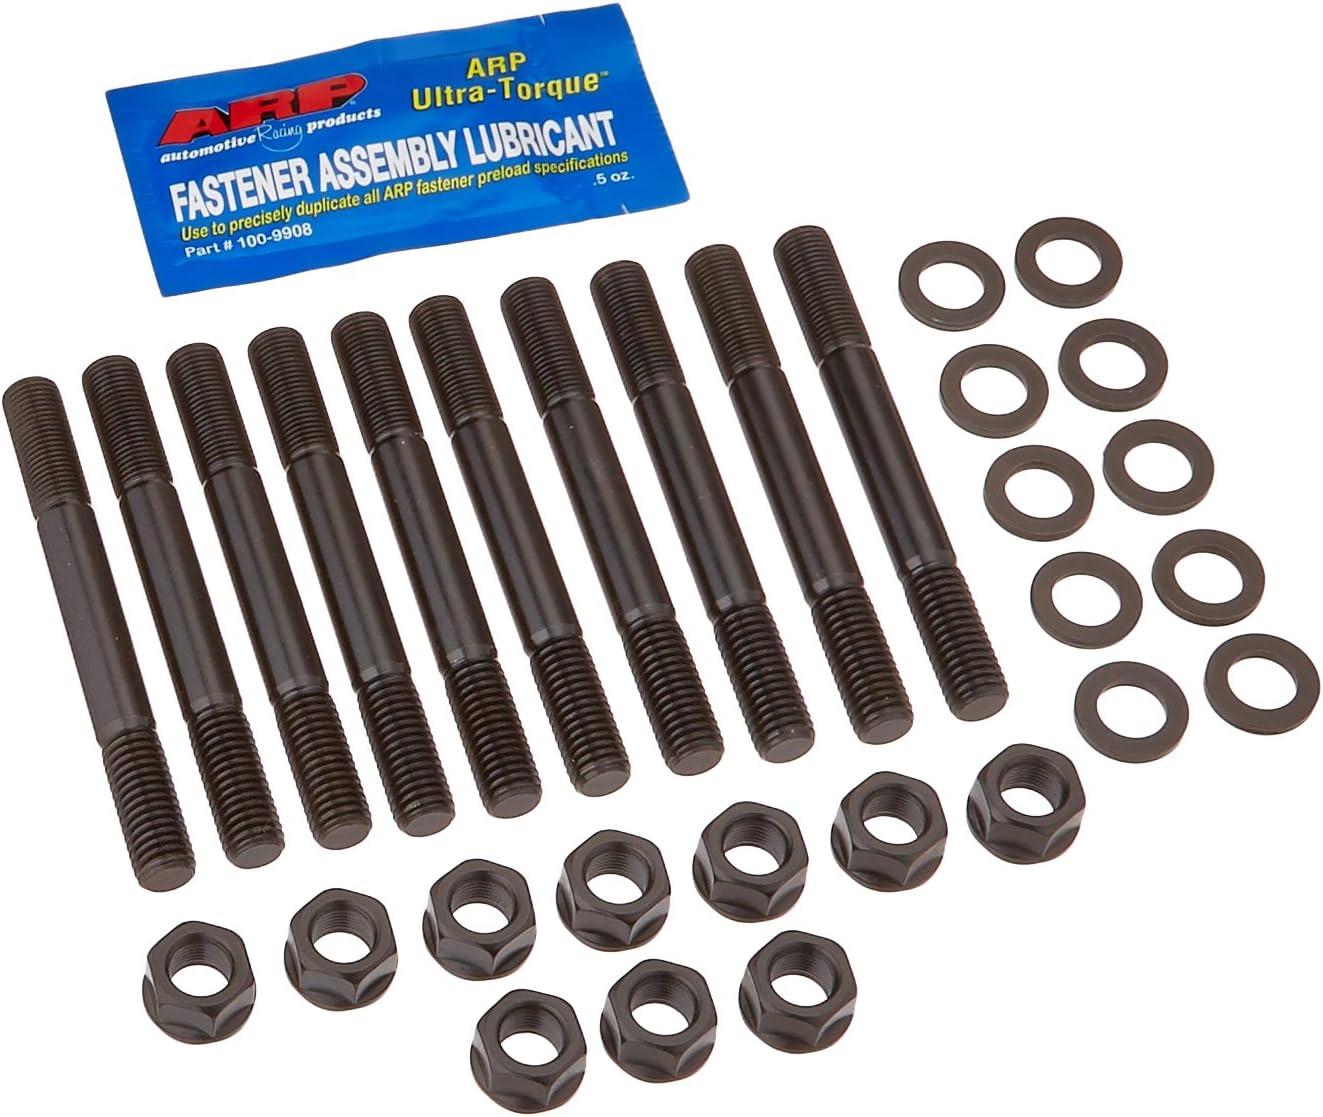 ARP 1545403 2-Bolt Main Stud Kit